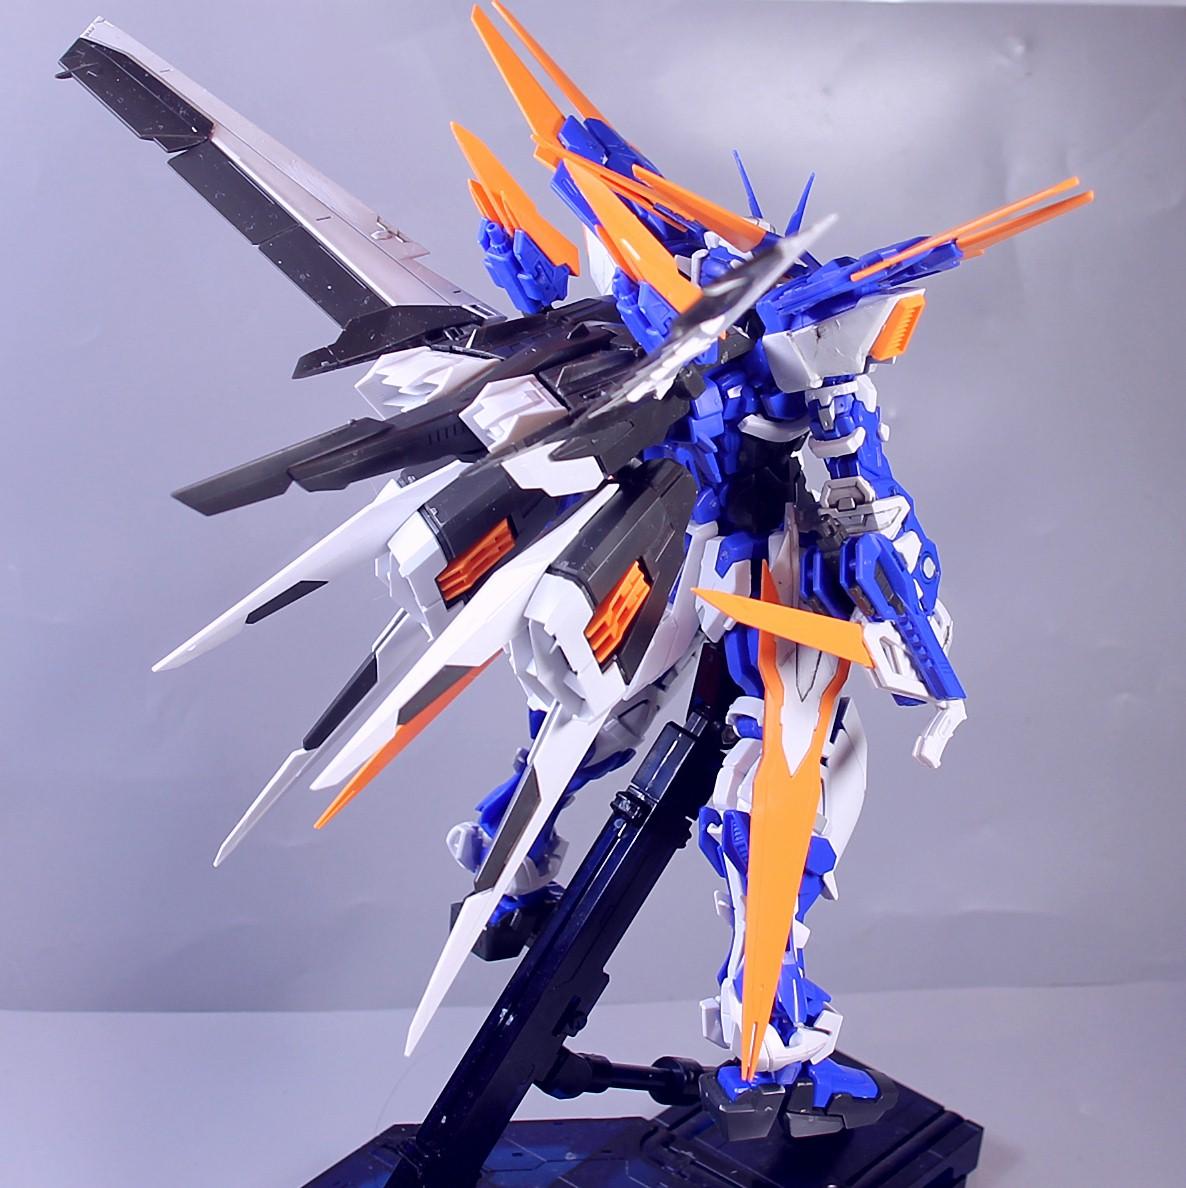 MG-BLUE_FRAME-D-146.jpg